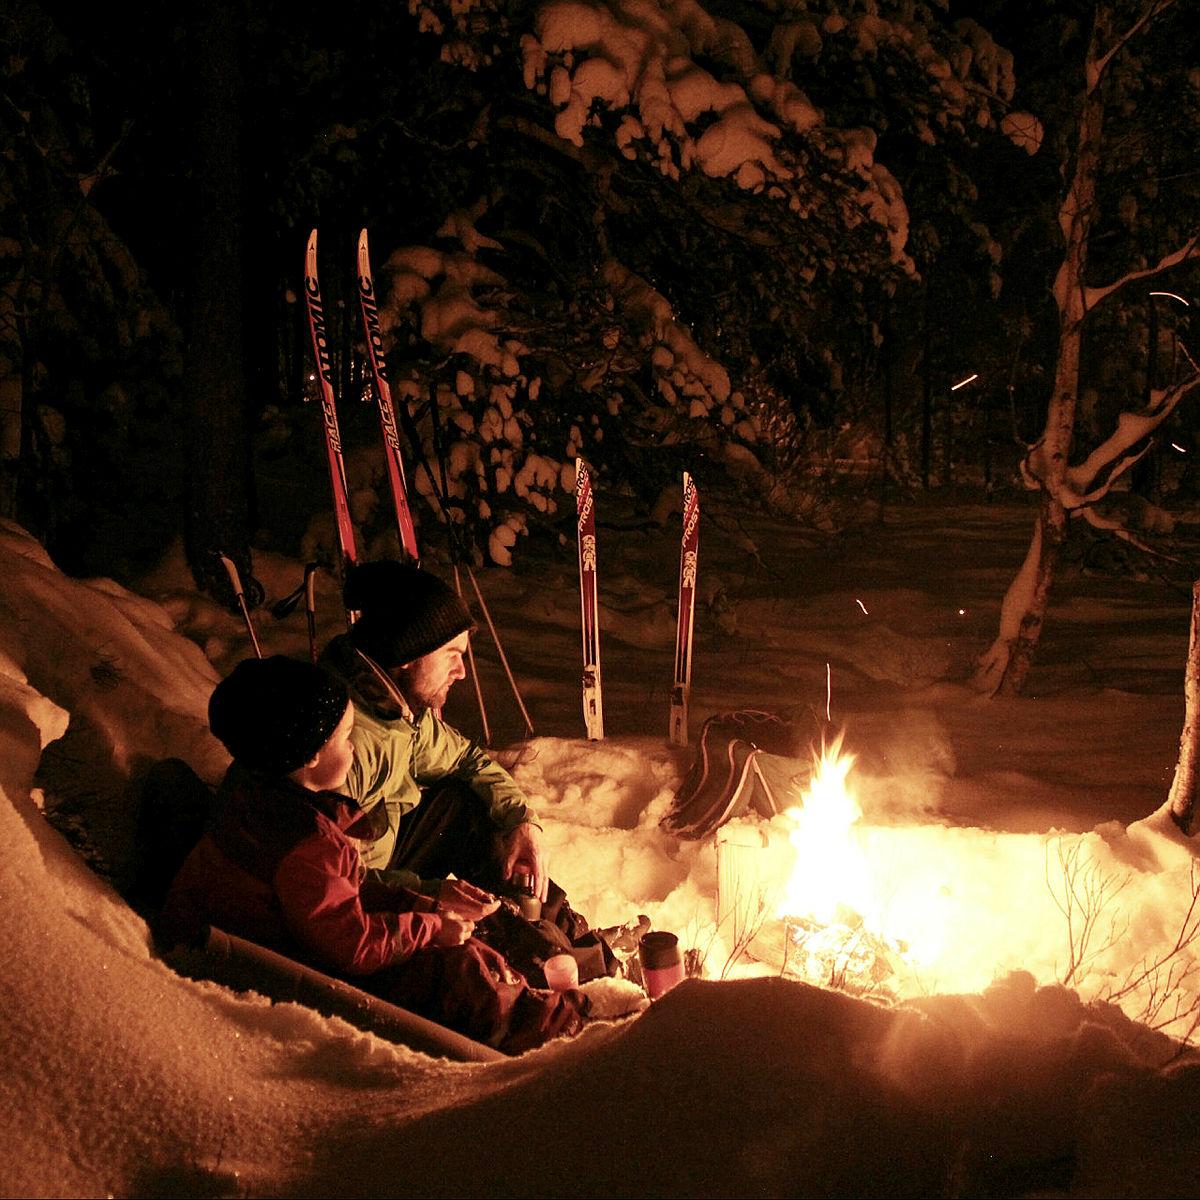 Nyt romjulskvelden foran bålet i skogen.